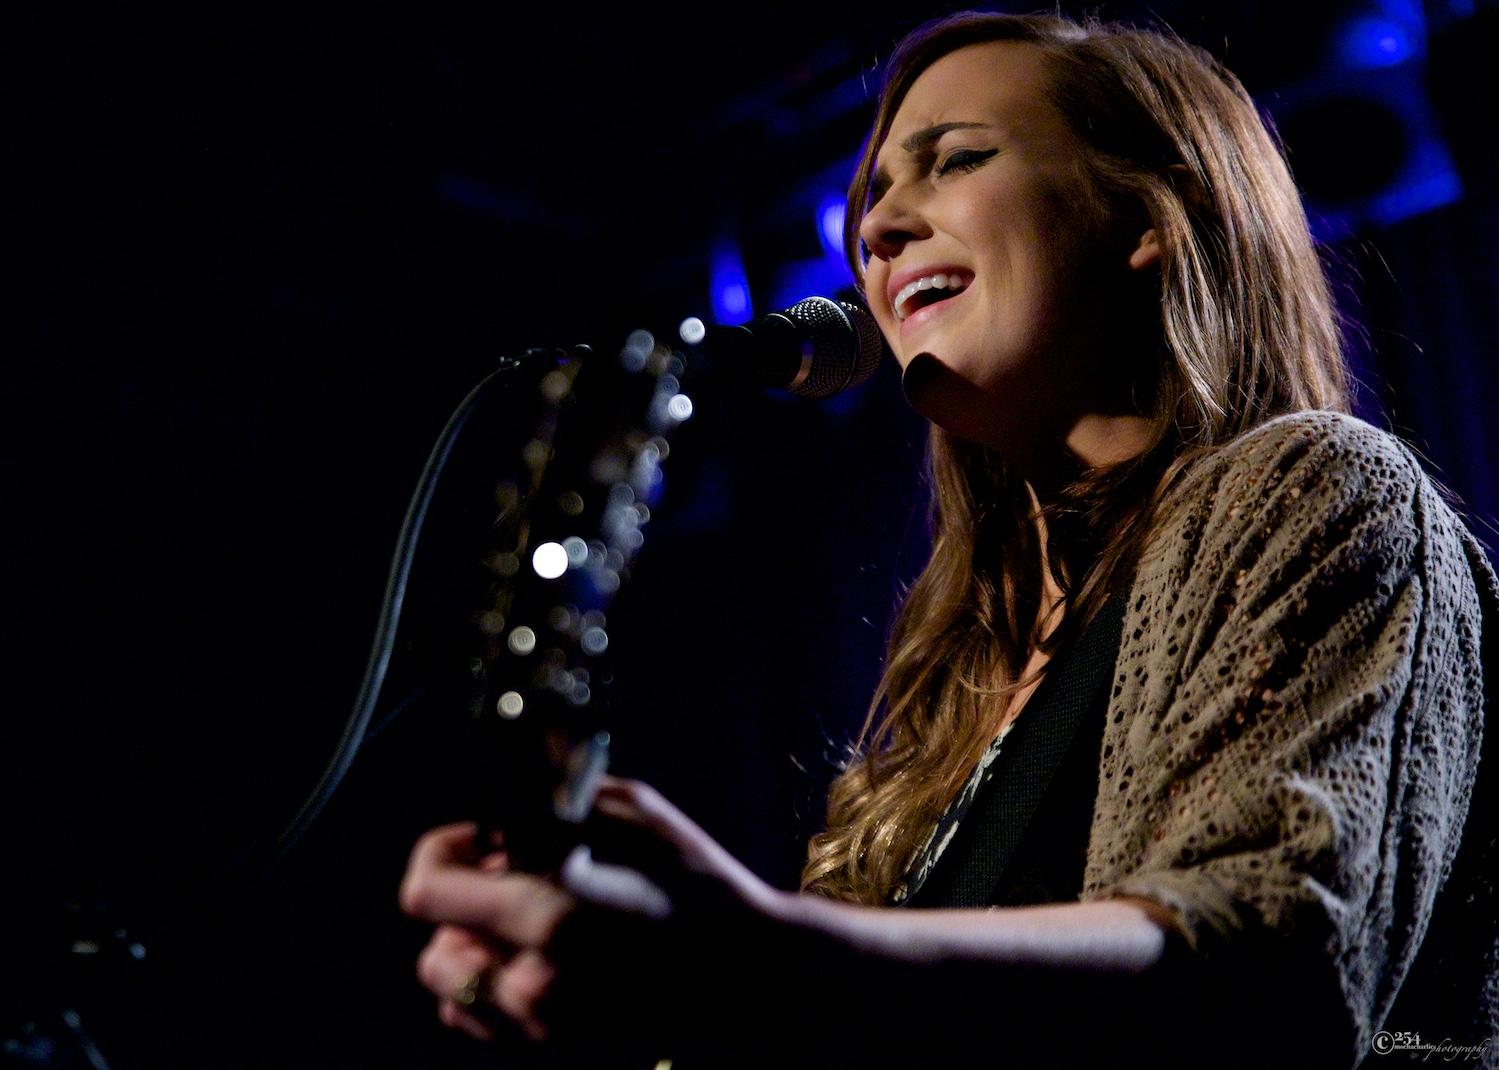 Emily Hearn at Neumos (Photo by Mocha Charlie)